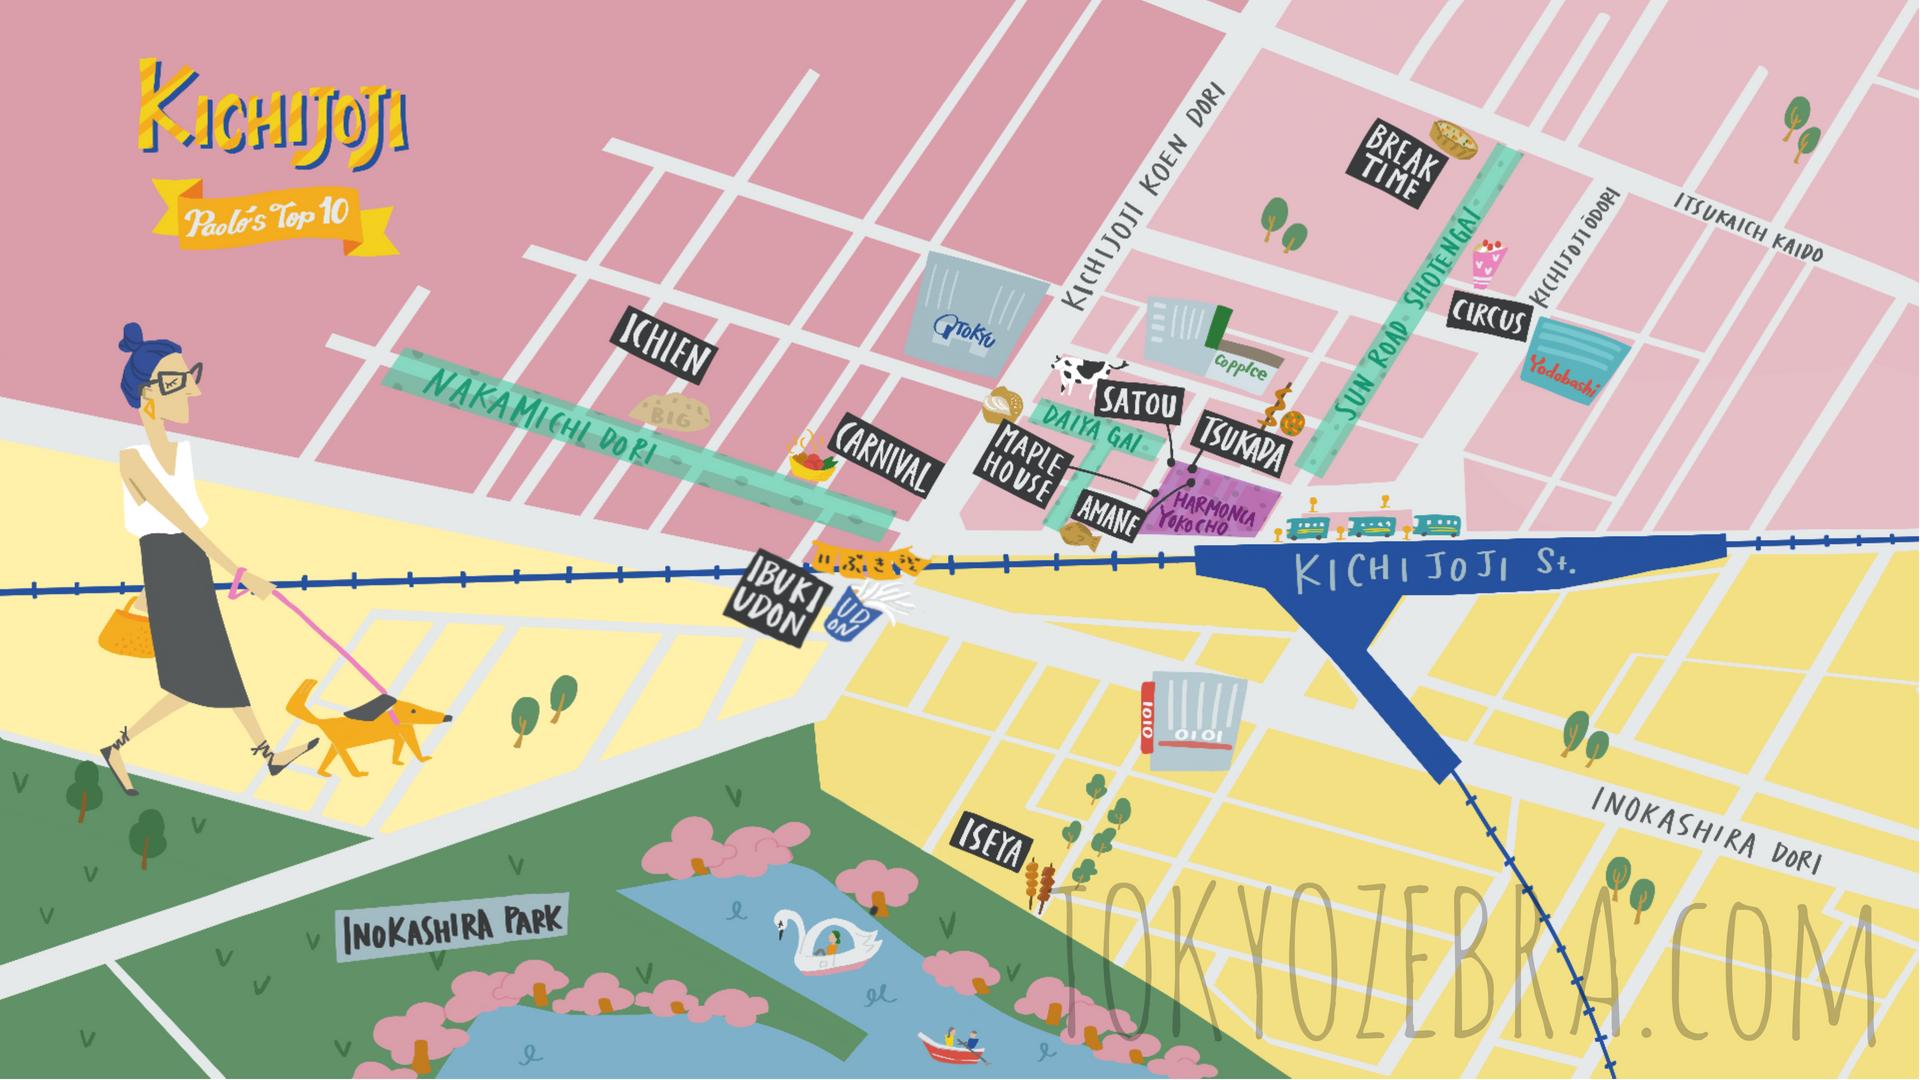 KICHIJOJI MAP -